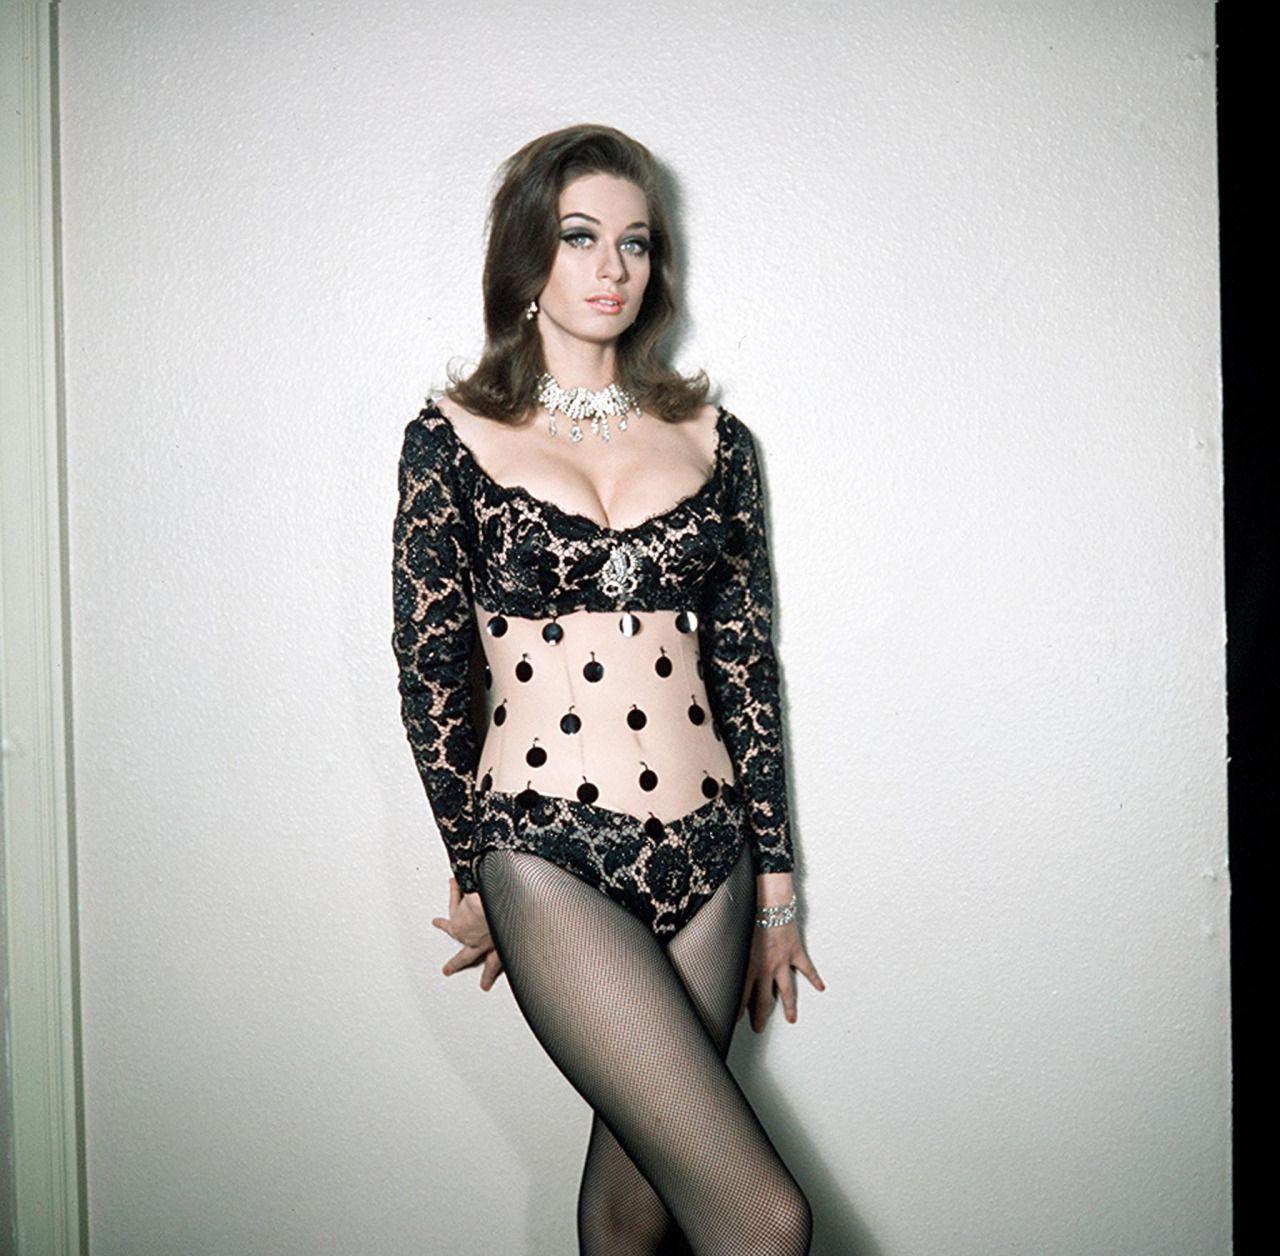 Valerie Leon (born 1943)